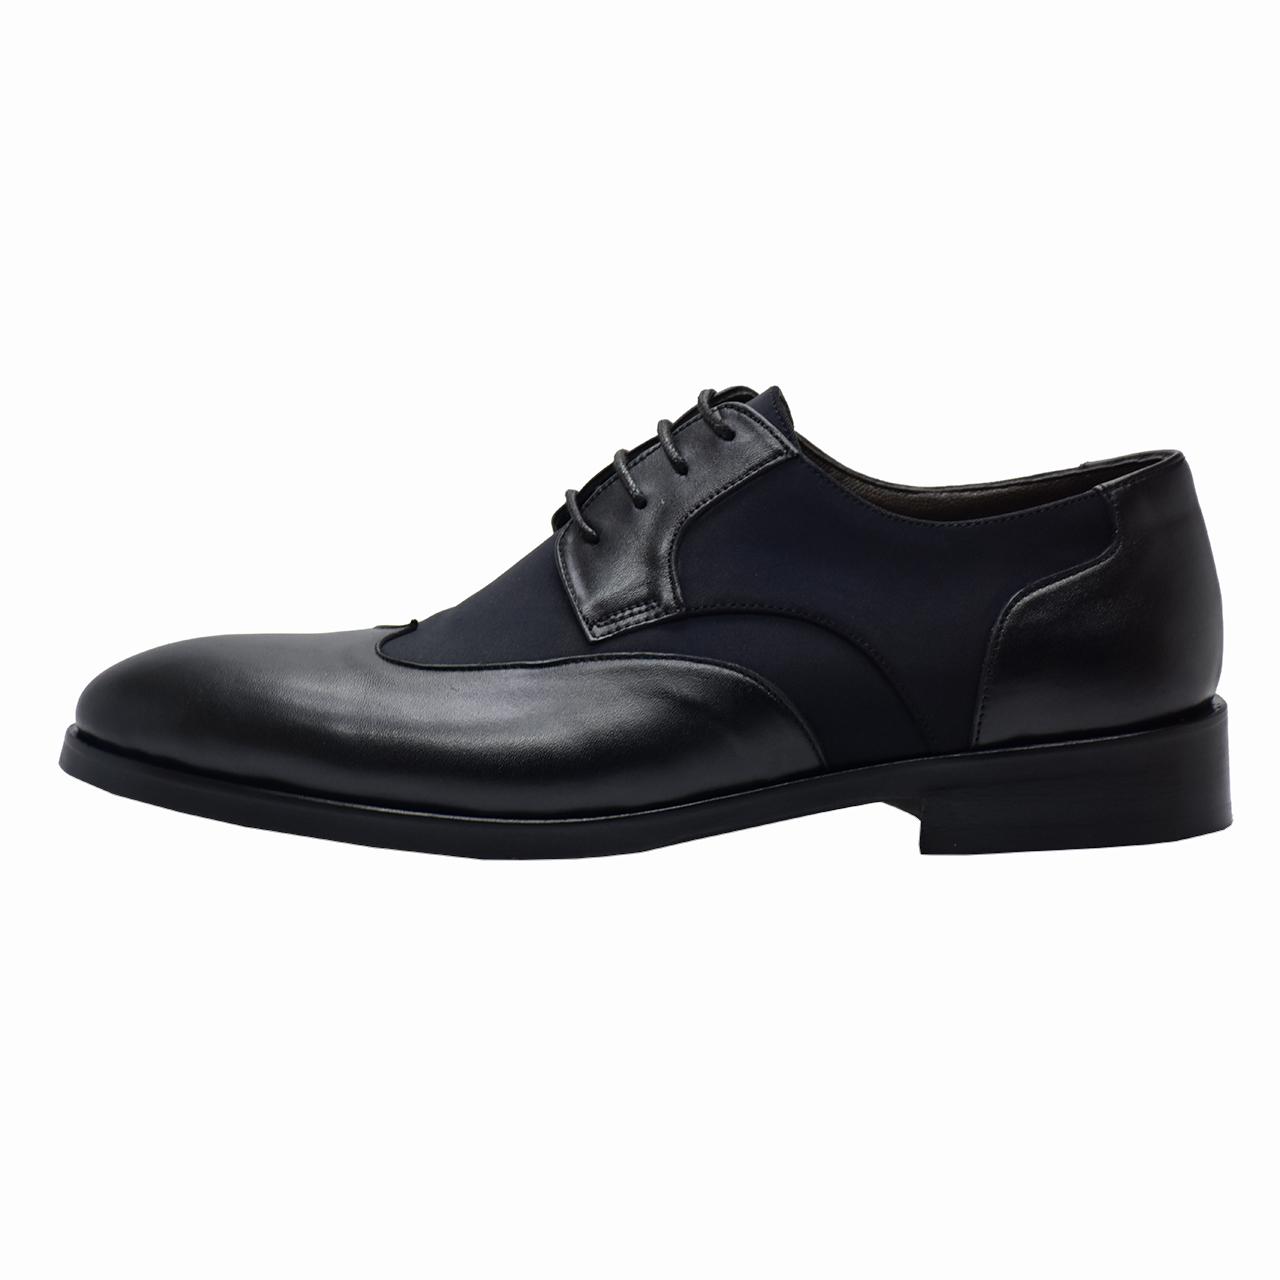 کفش مردانه رسا چرم کد 213